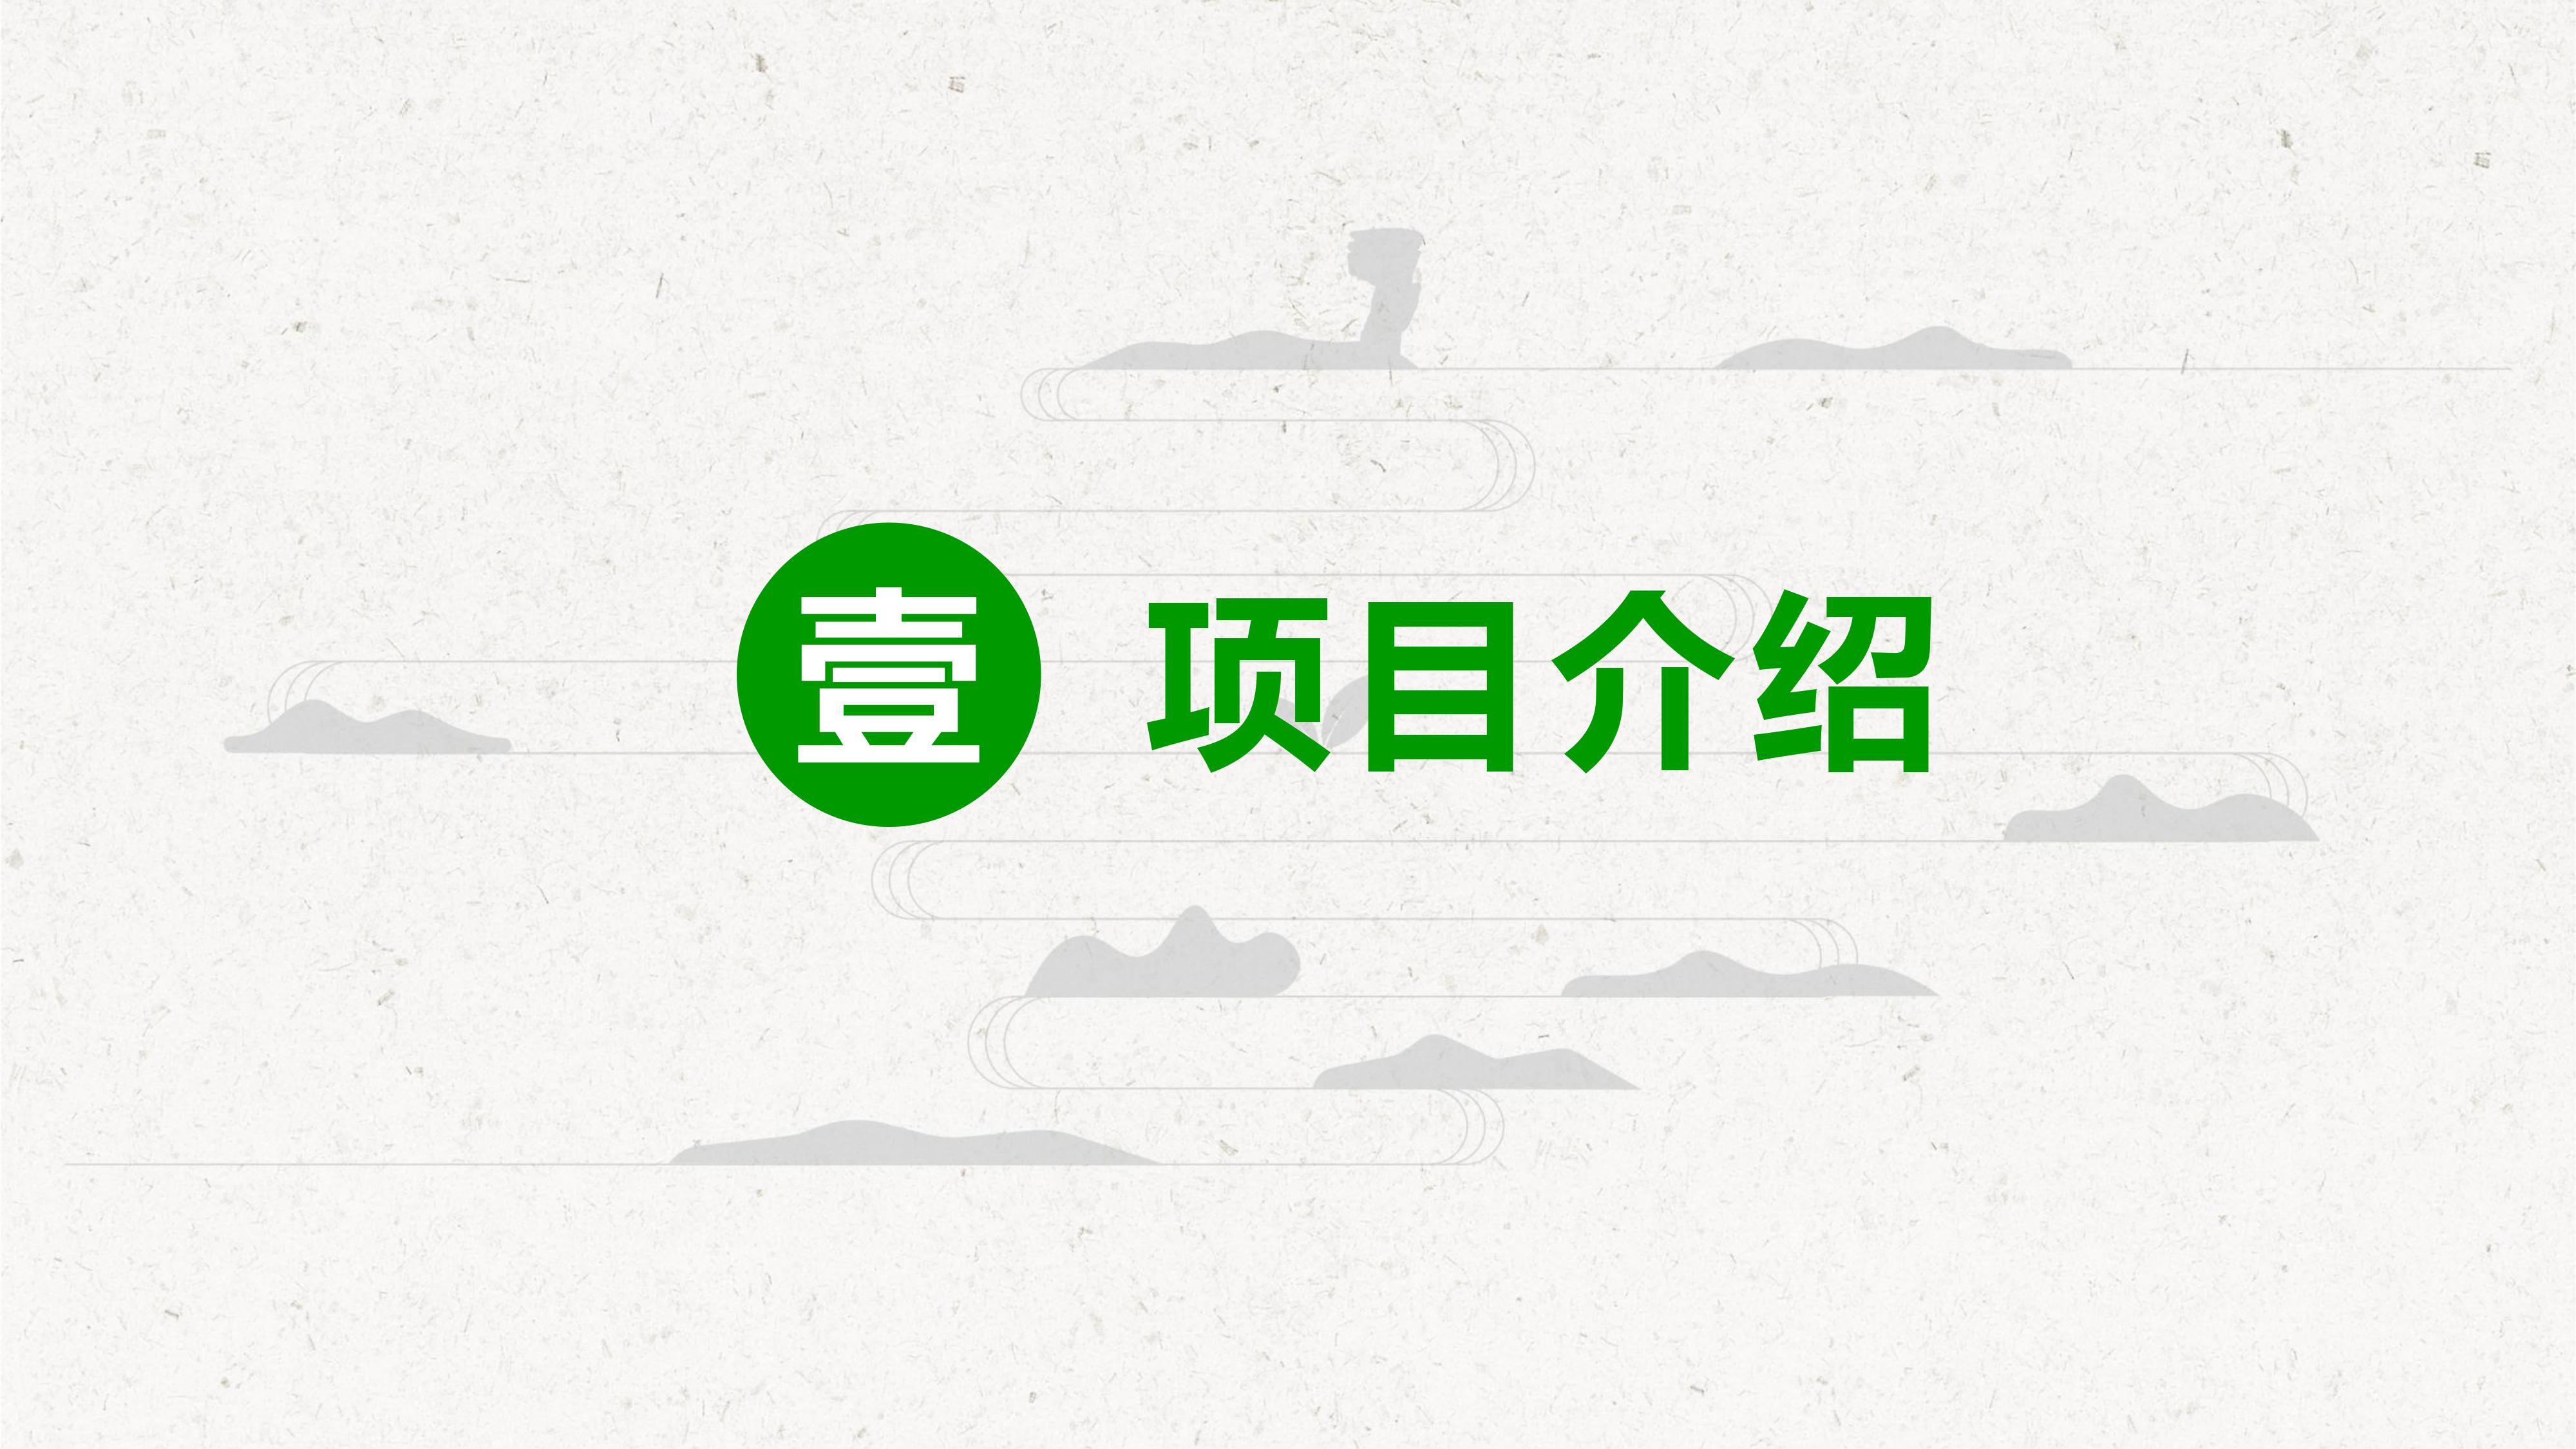 一平米希望(1210广协定稿)-6.jpg